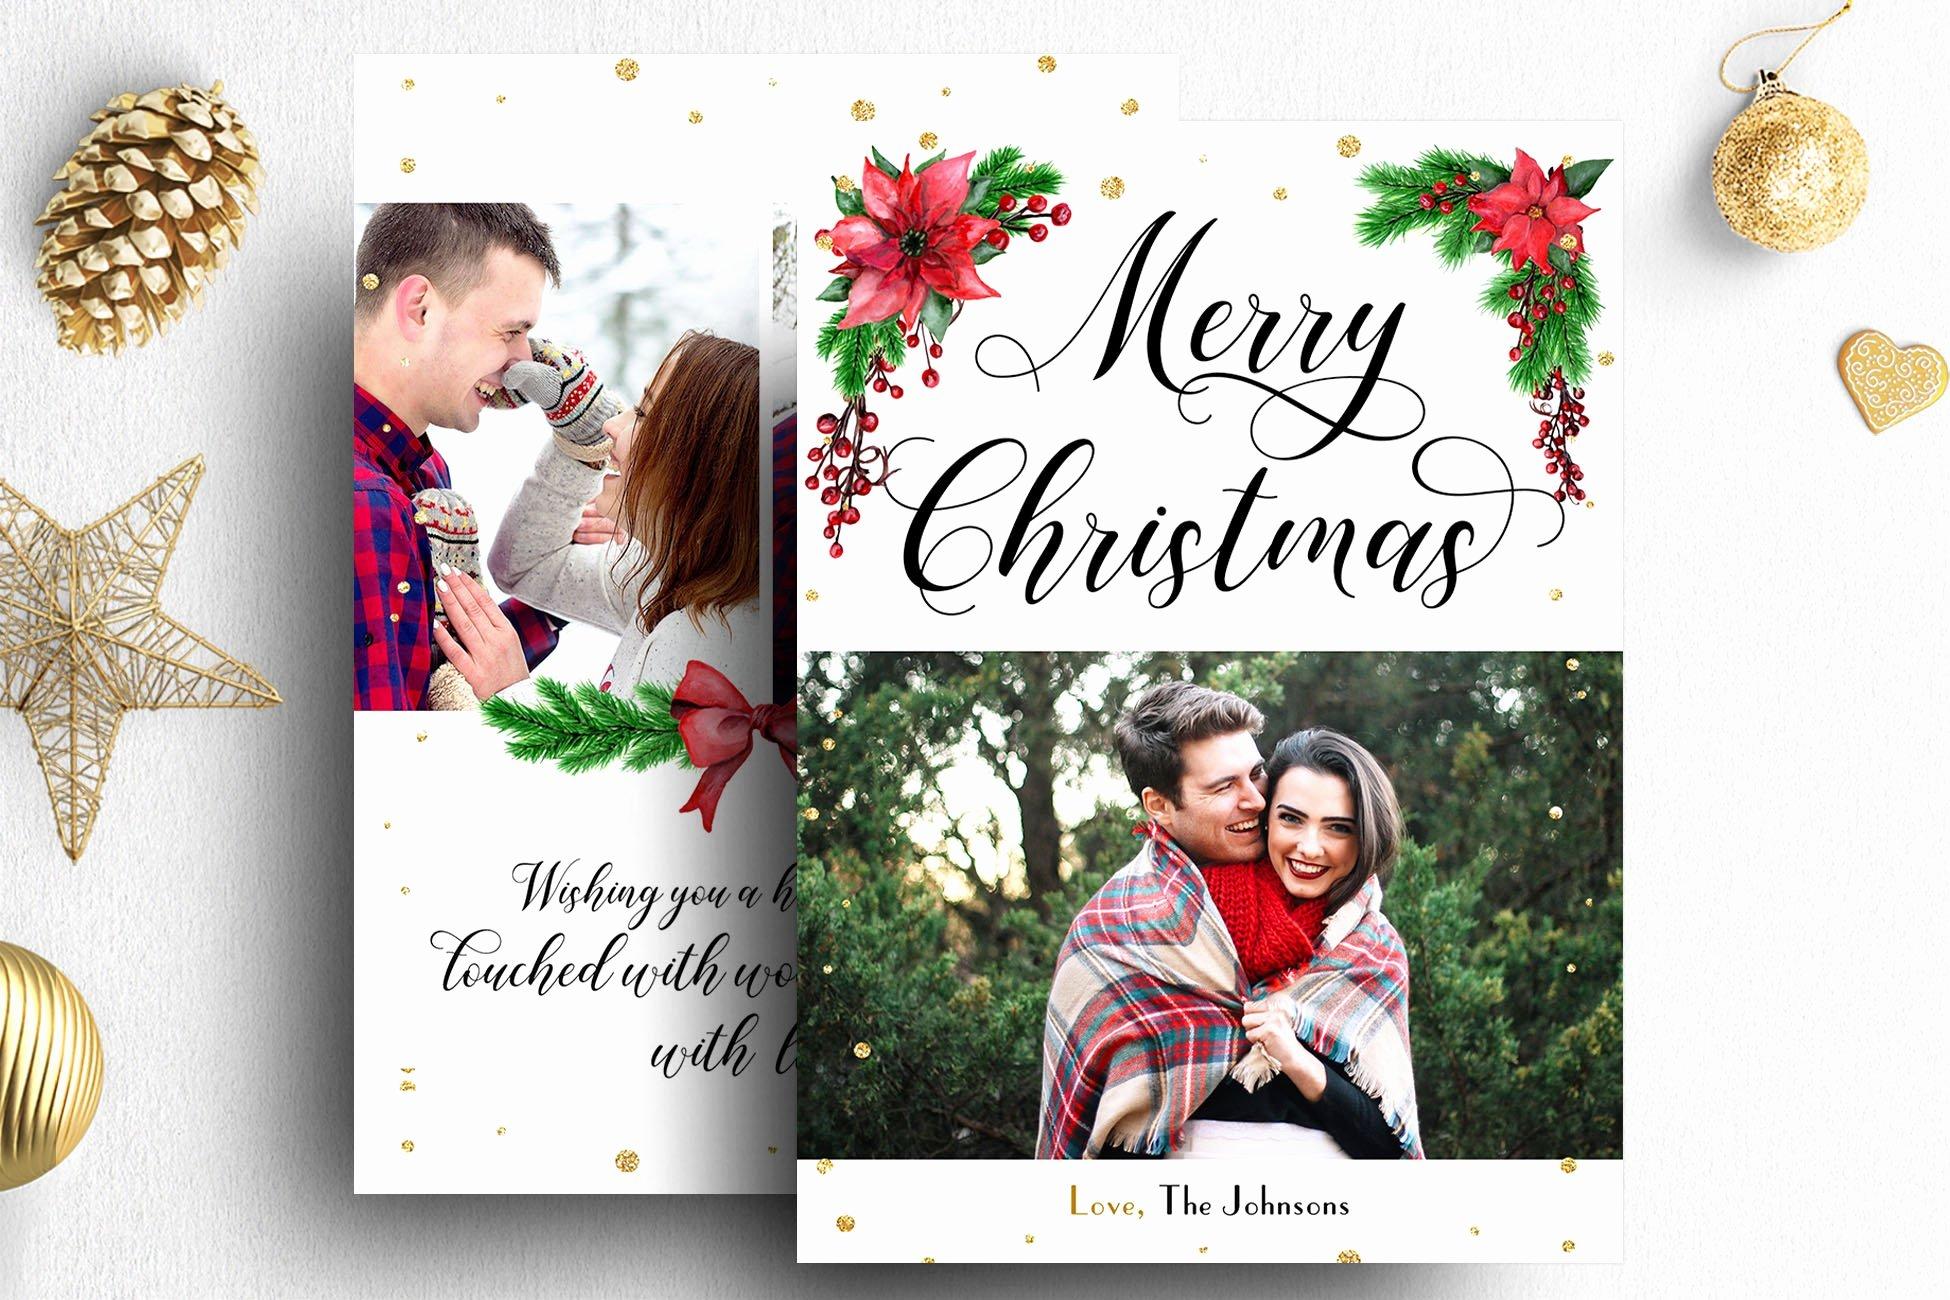 Christmas Card Template Photoshop Unique Christmas Card Shop Template Card Templates